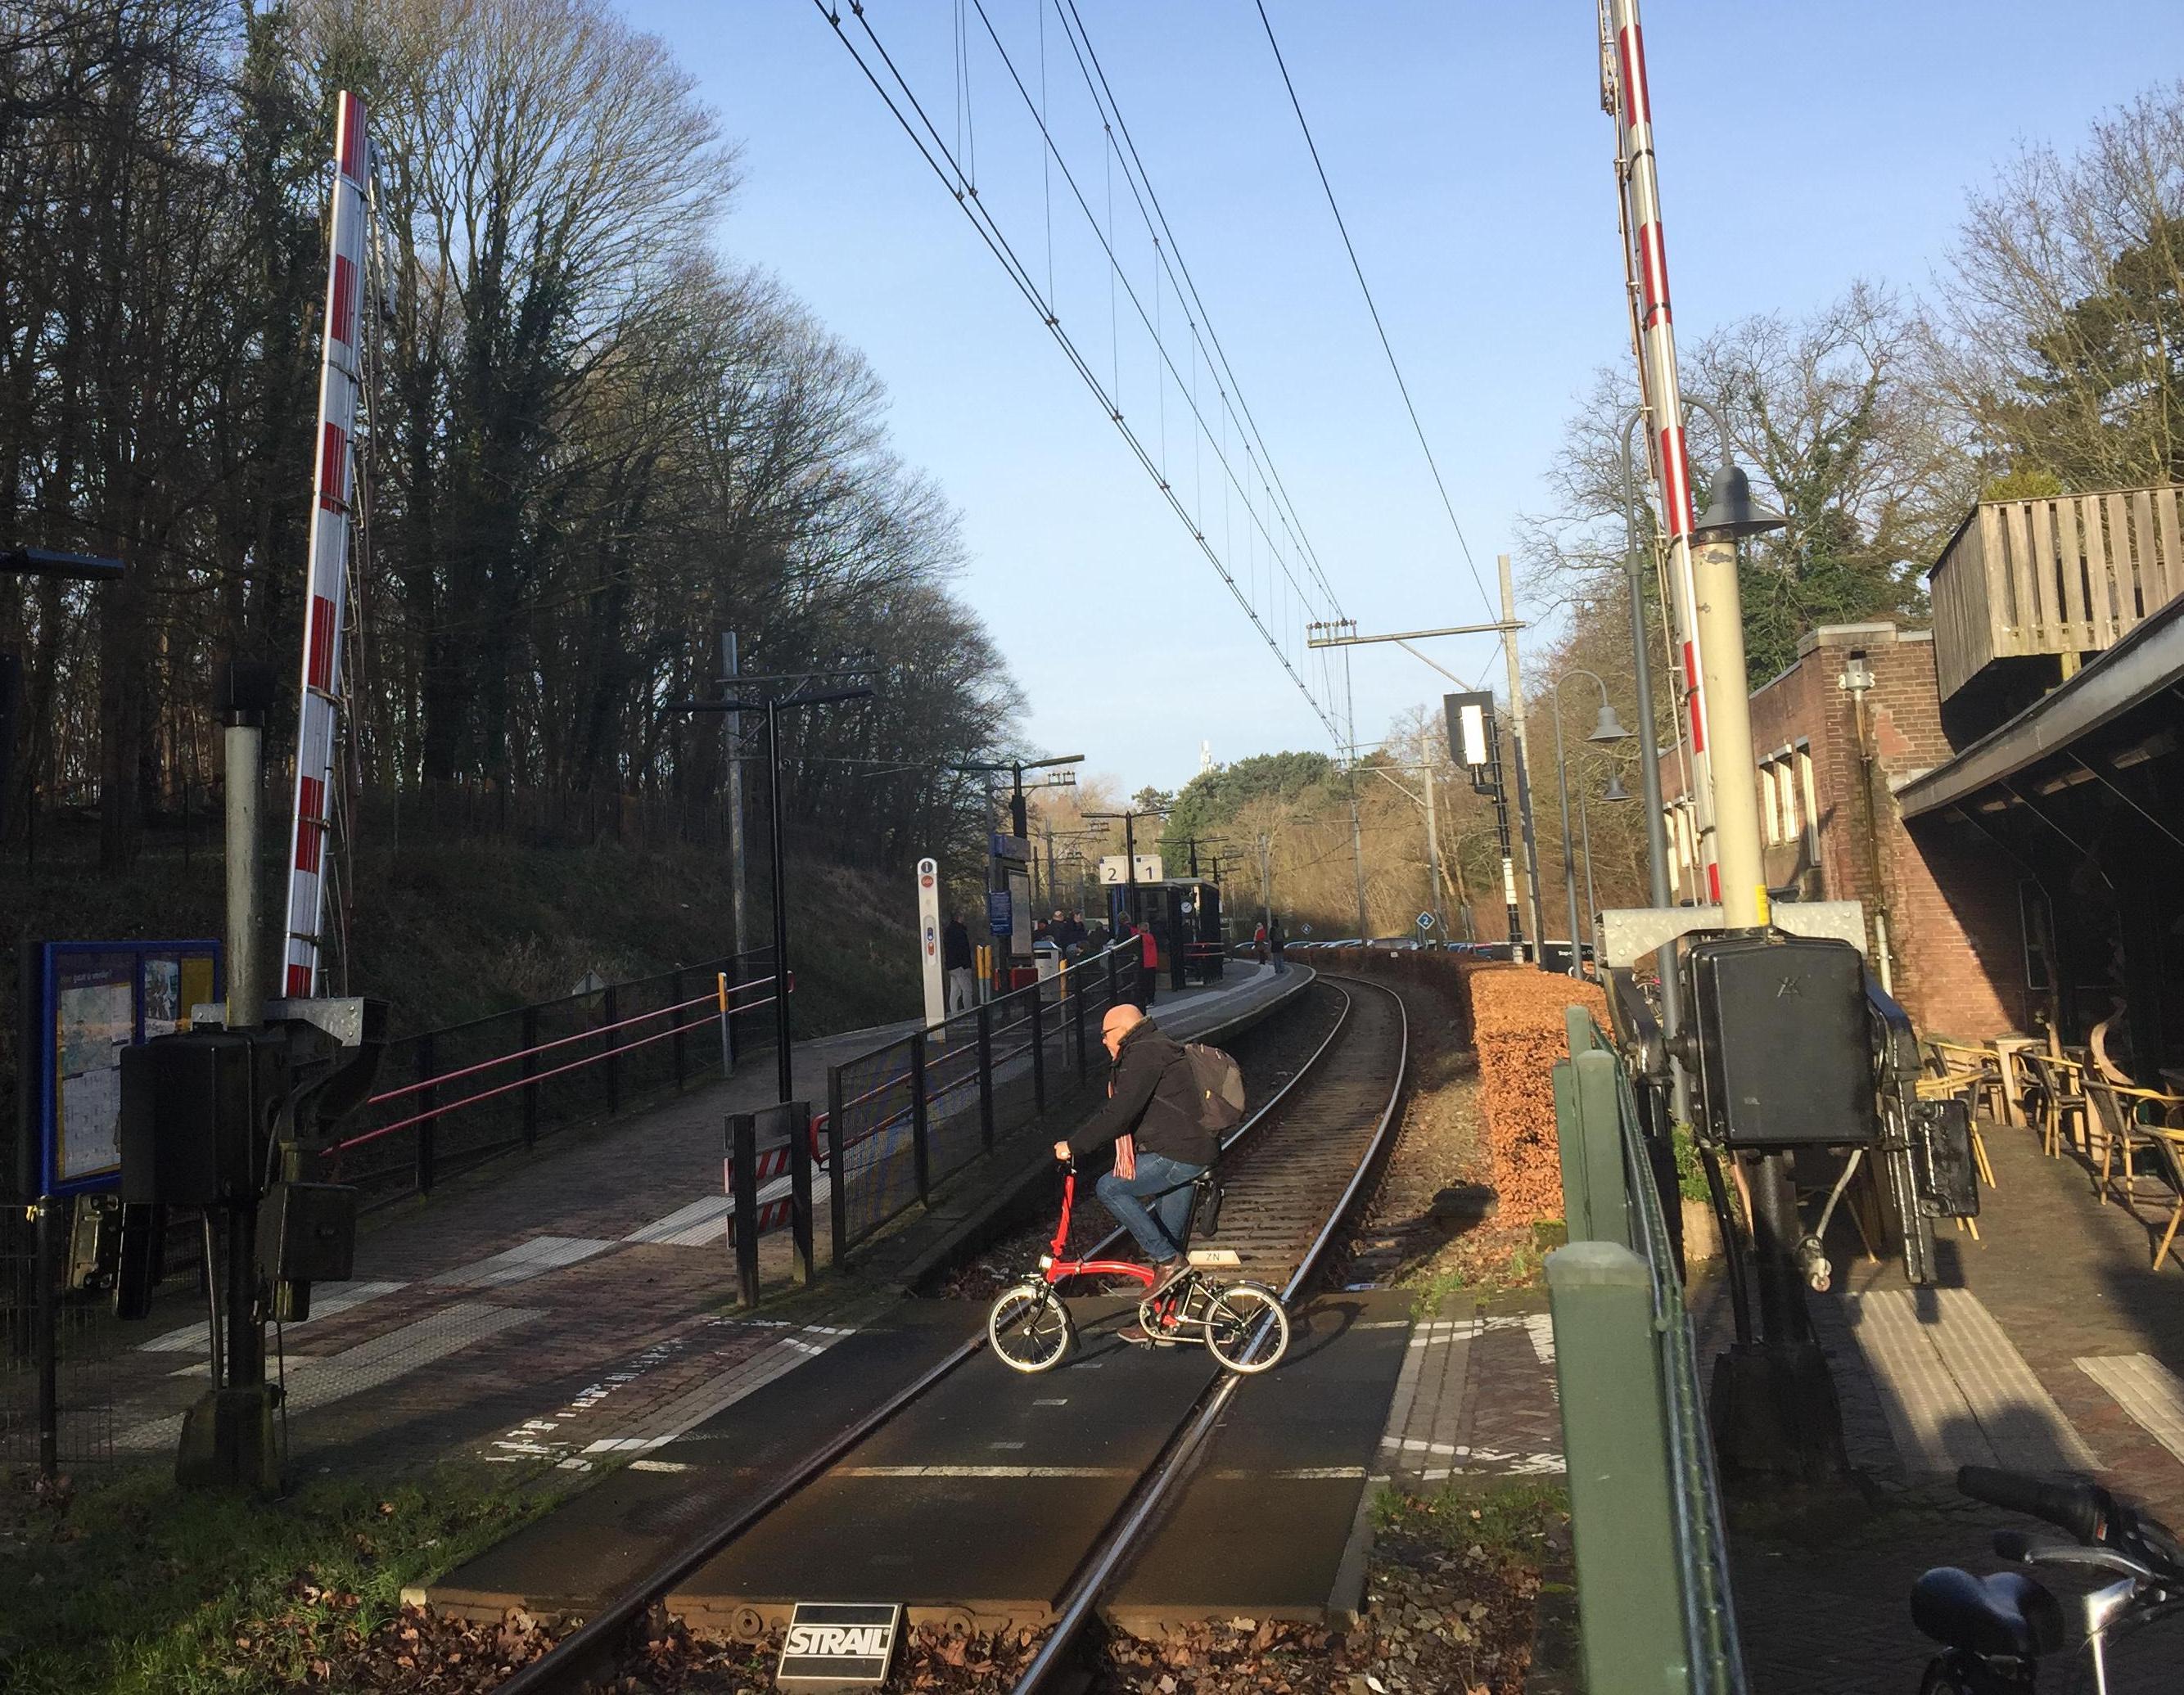 Prorail: Geen tijd om aanpassingen spoorbaan Haarlem-Zandvoort te testen vóór start Formule 1